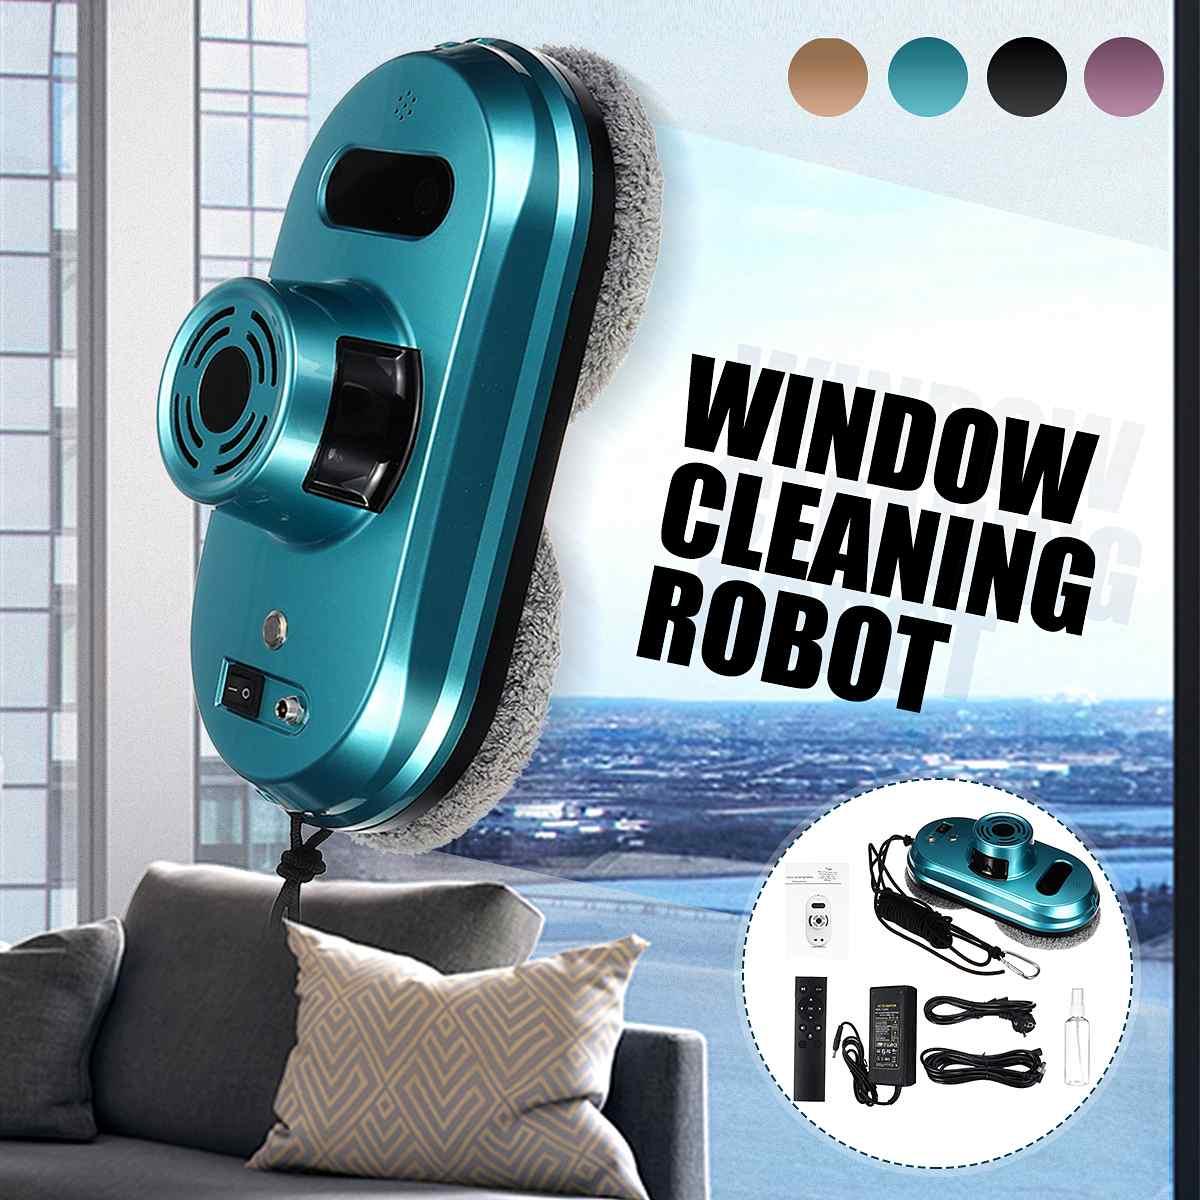 Pulizia dei finestrini Robot Robot Aspirapolvere Telecomando Magnetico di Vetro di Pulizia Robot Con Cornice Finestra Robot Cleaner Tool